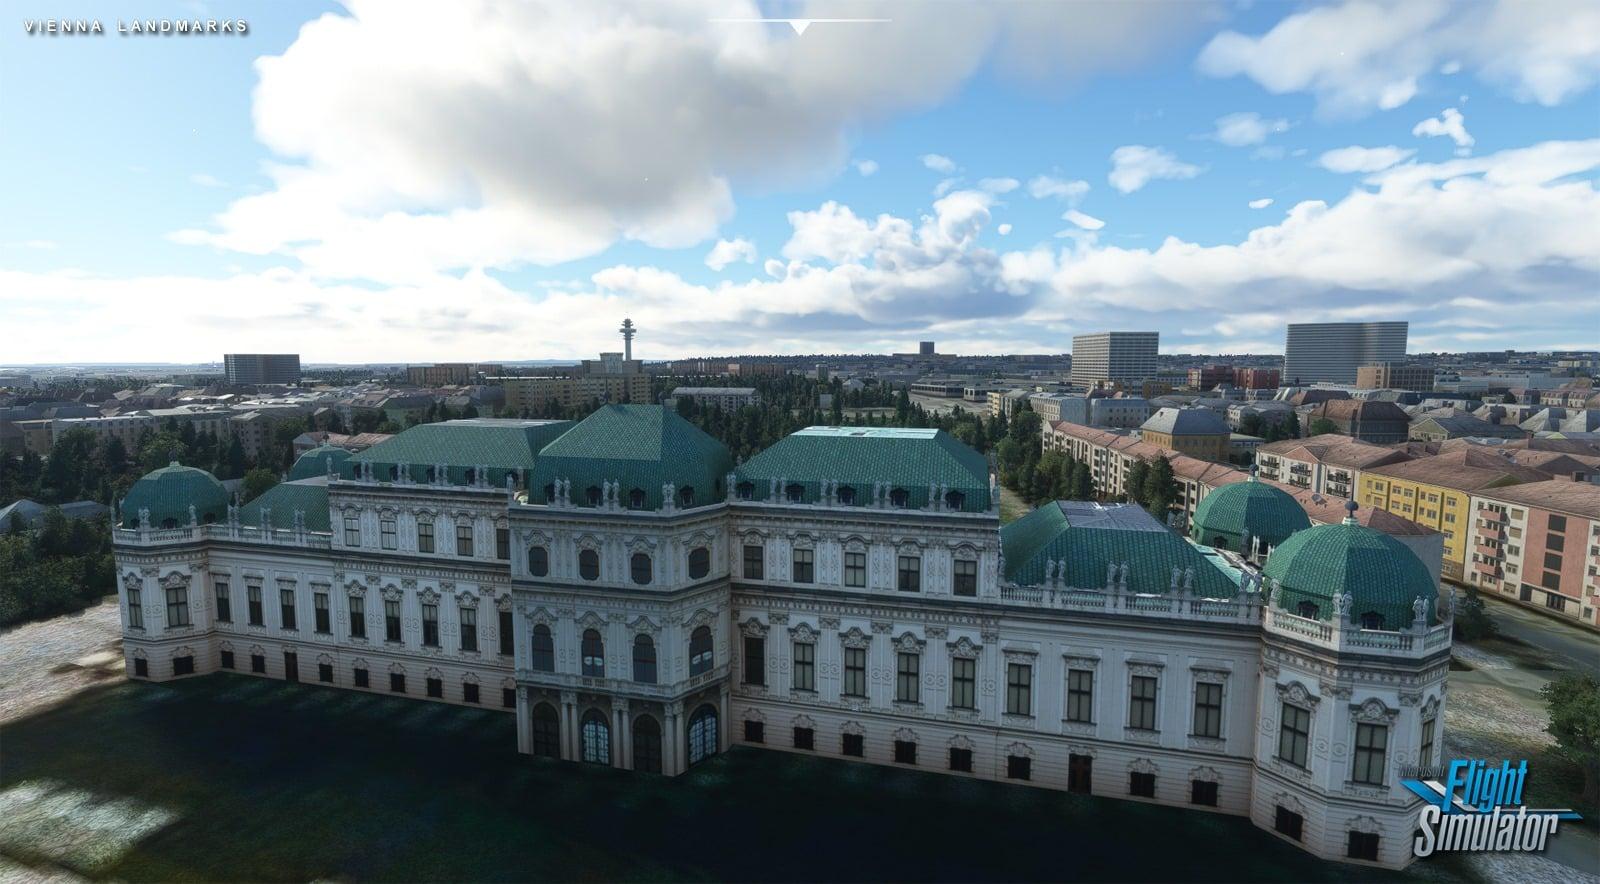 Prealsoft – Vienna Landmarks MSFS Update 1.2